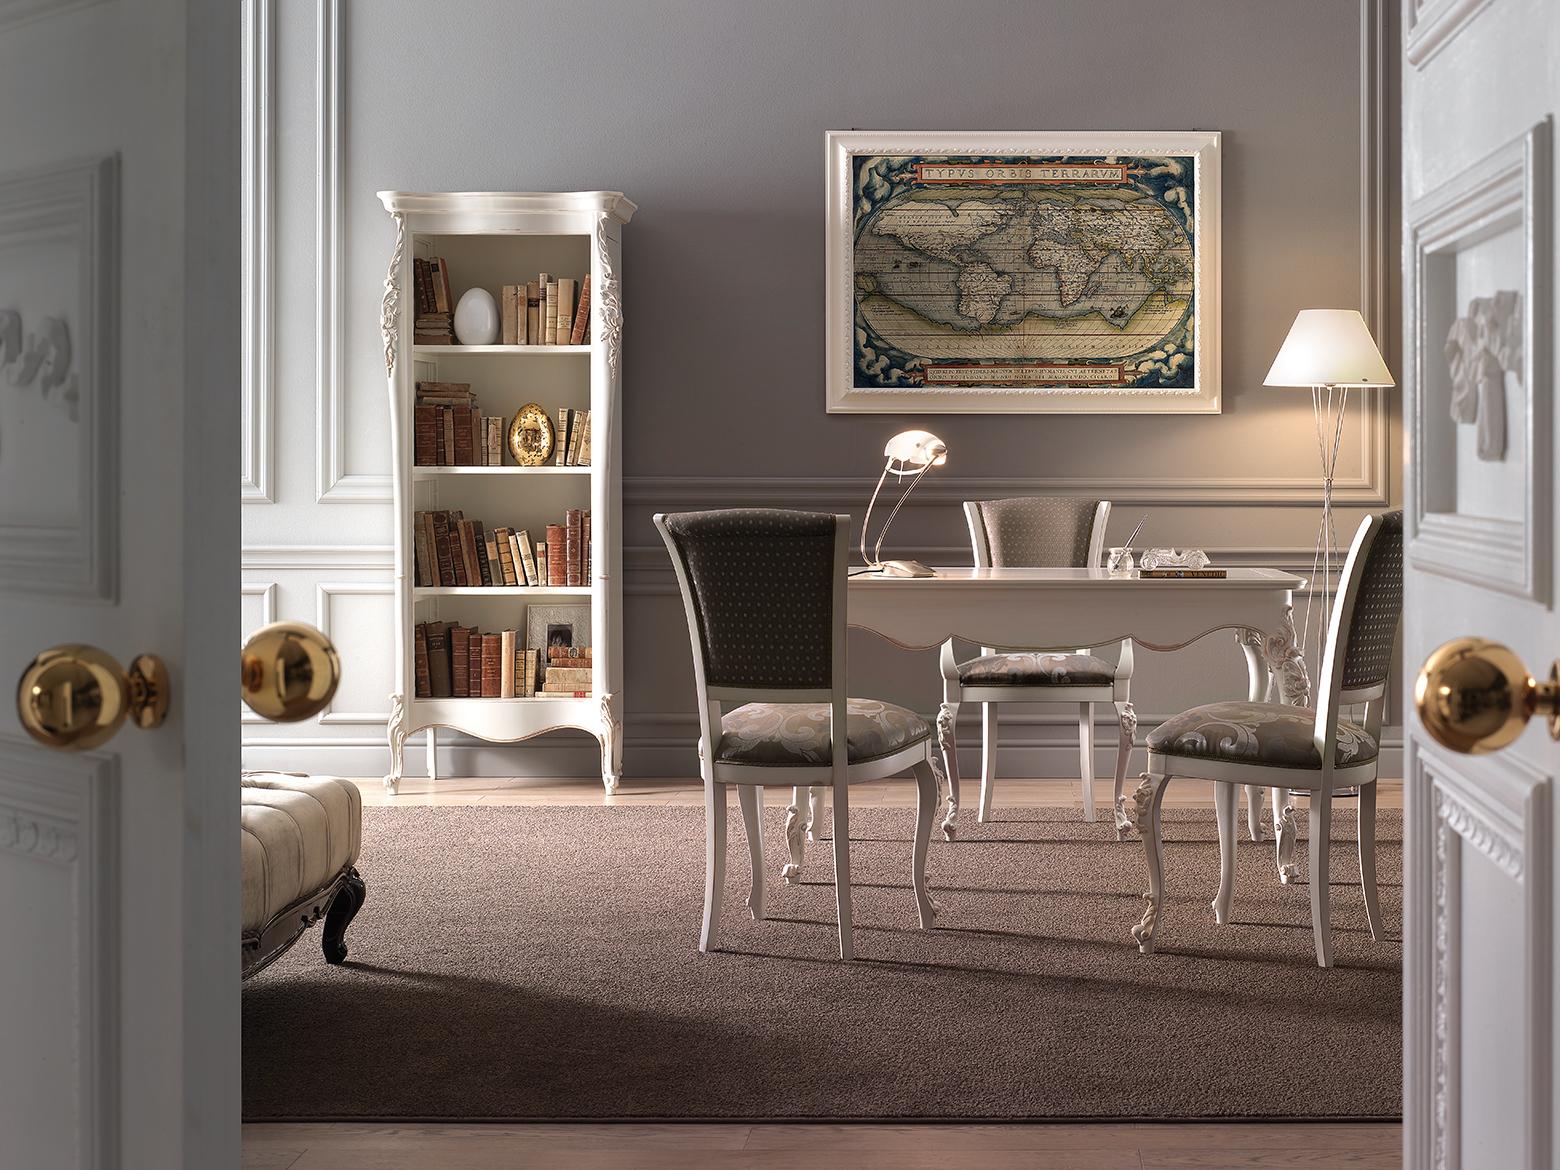 Libreria a giorno, art. 020 - Scrittoio, art. 021 - Sedia, art. 004R - Capotavola, art. 005R. Finitura laccata con lavorazione consumata.